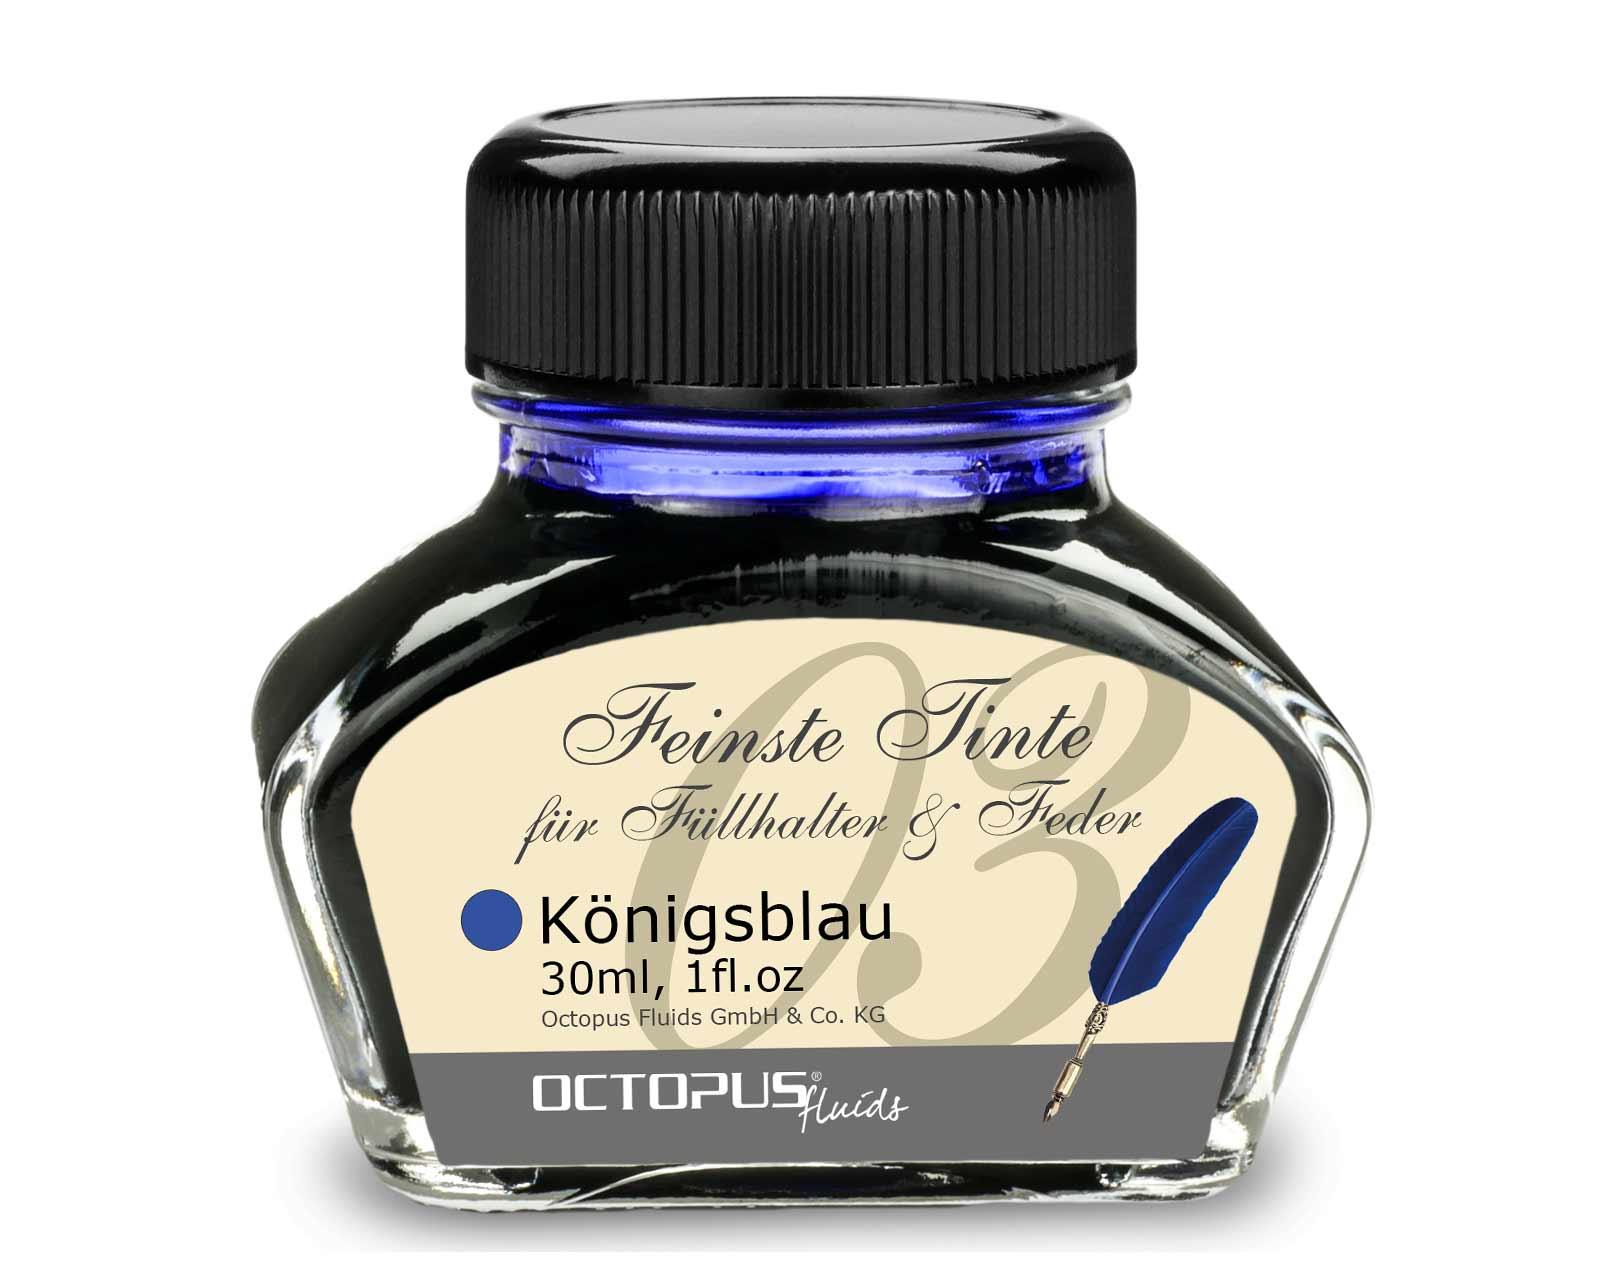 Inchiostro per penna stilografica, inchiostro da scrittura per penna stilografica, inchiostro per penna stilografica Blu Reale cancellabile